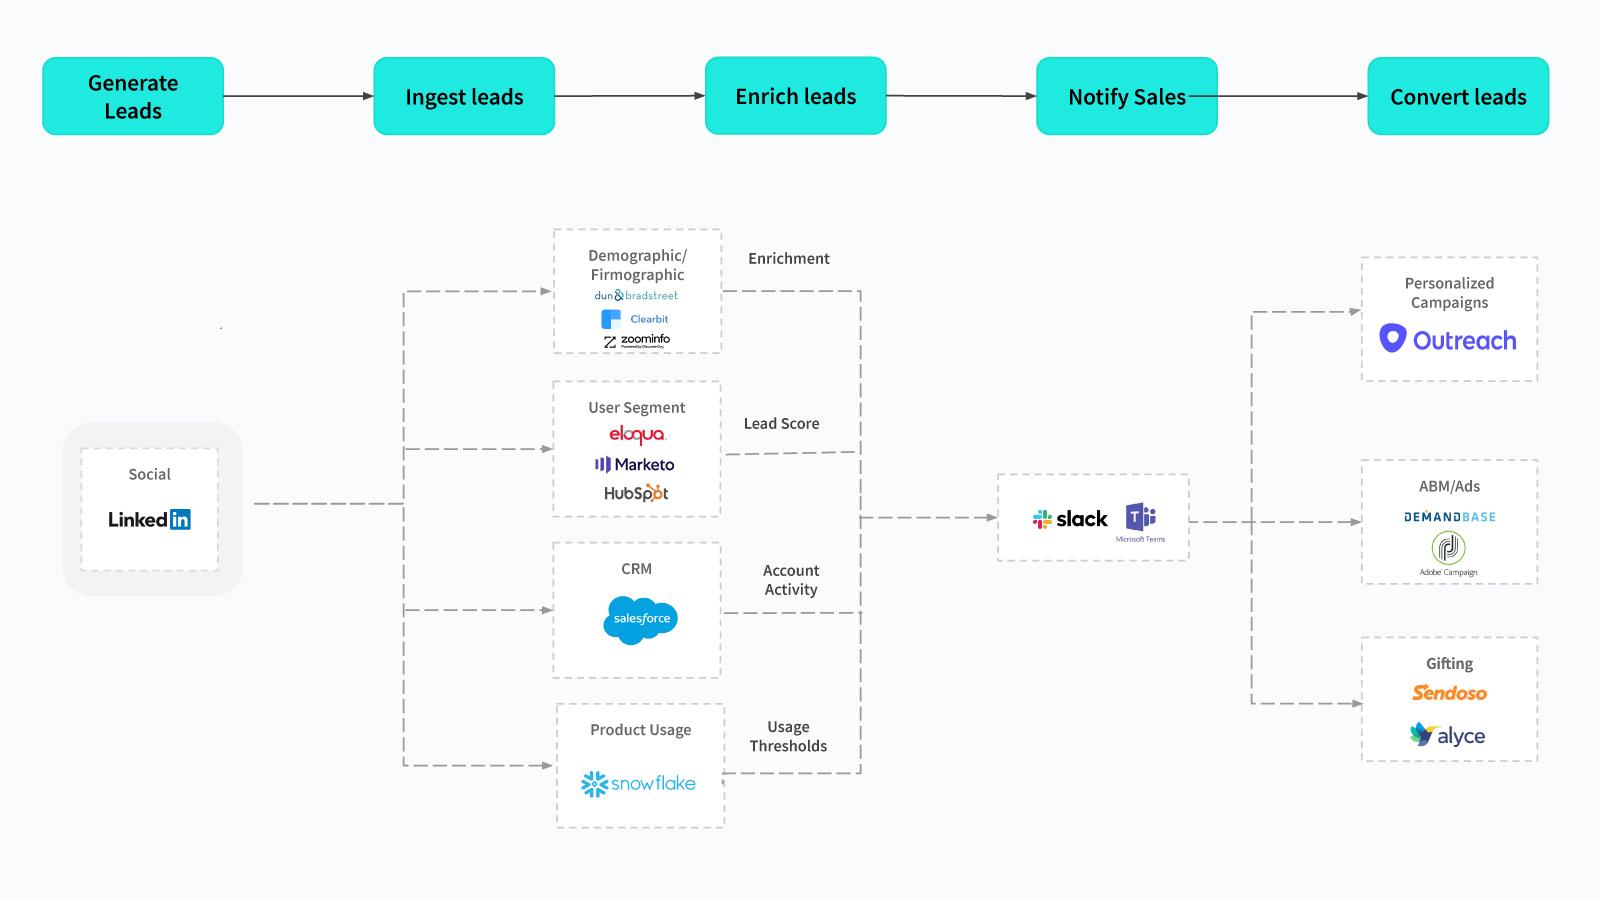 LinkedIn lead form workflow